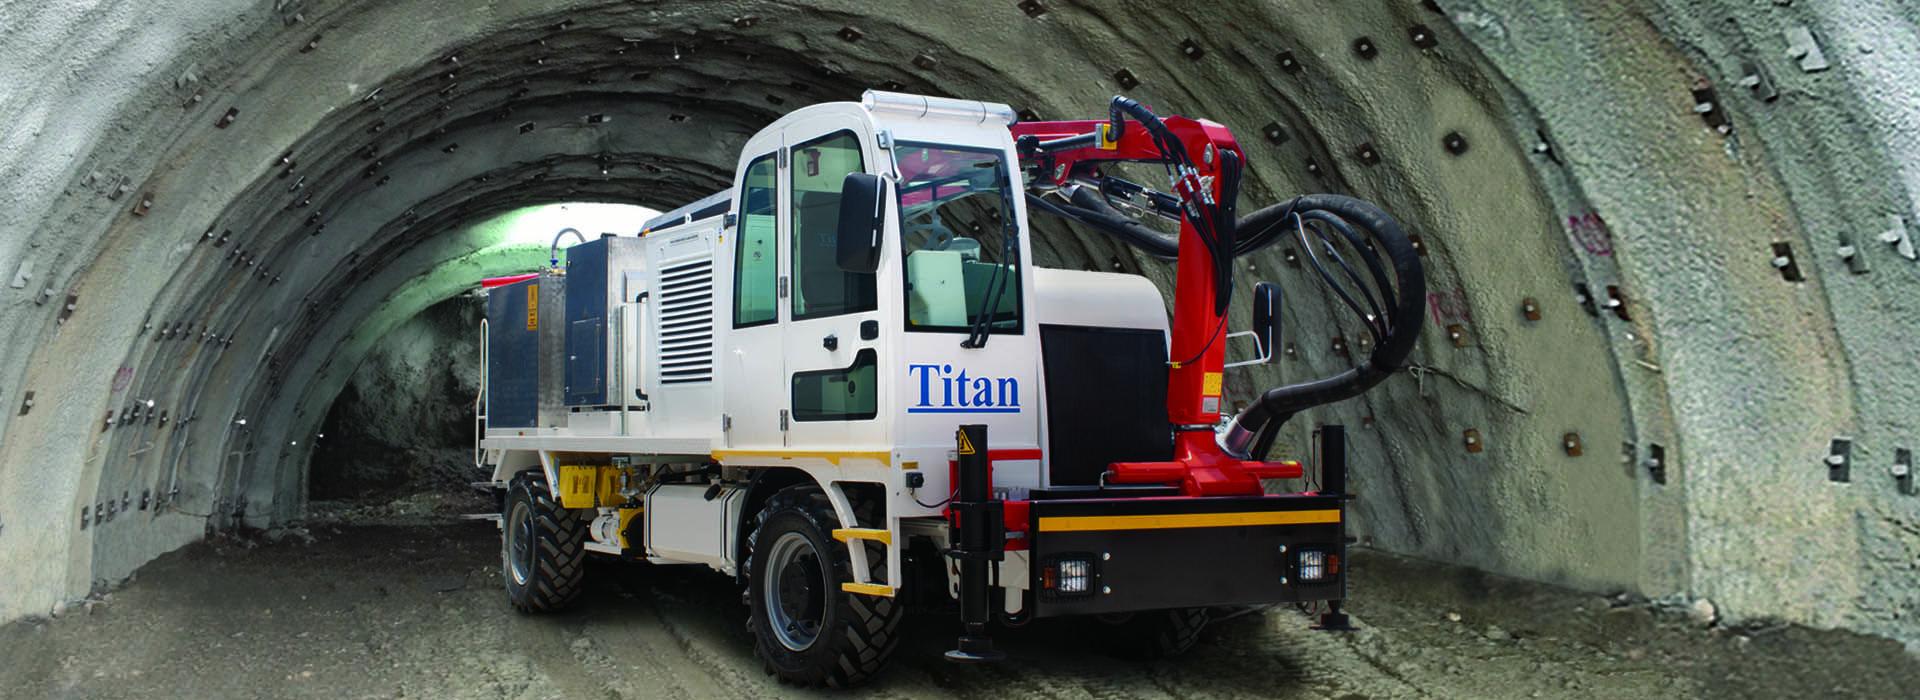 Concrete Spraying Machine Shotcrete Rig Pump Tunnel